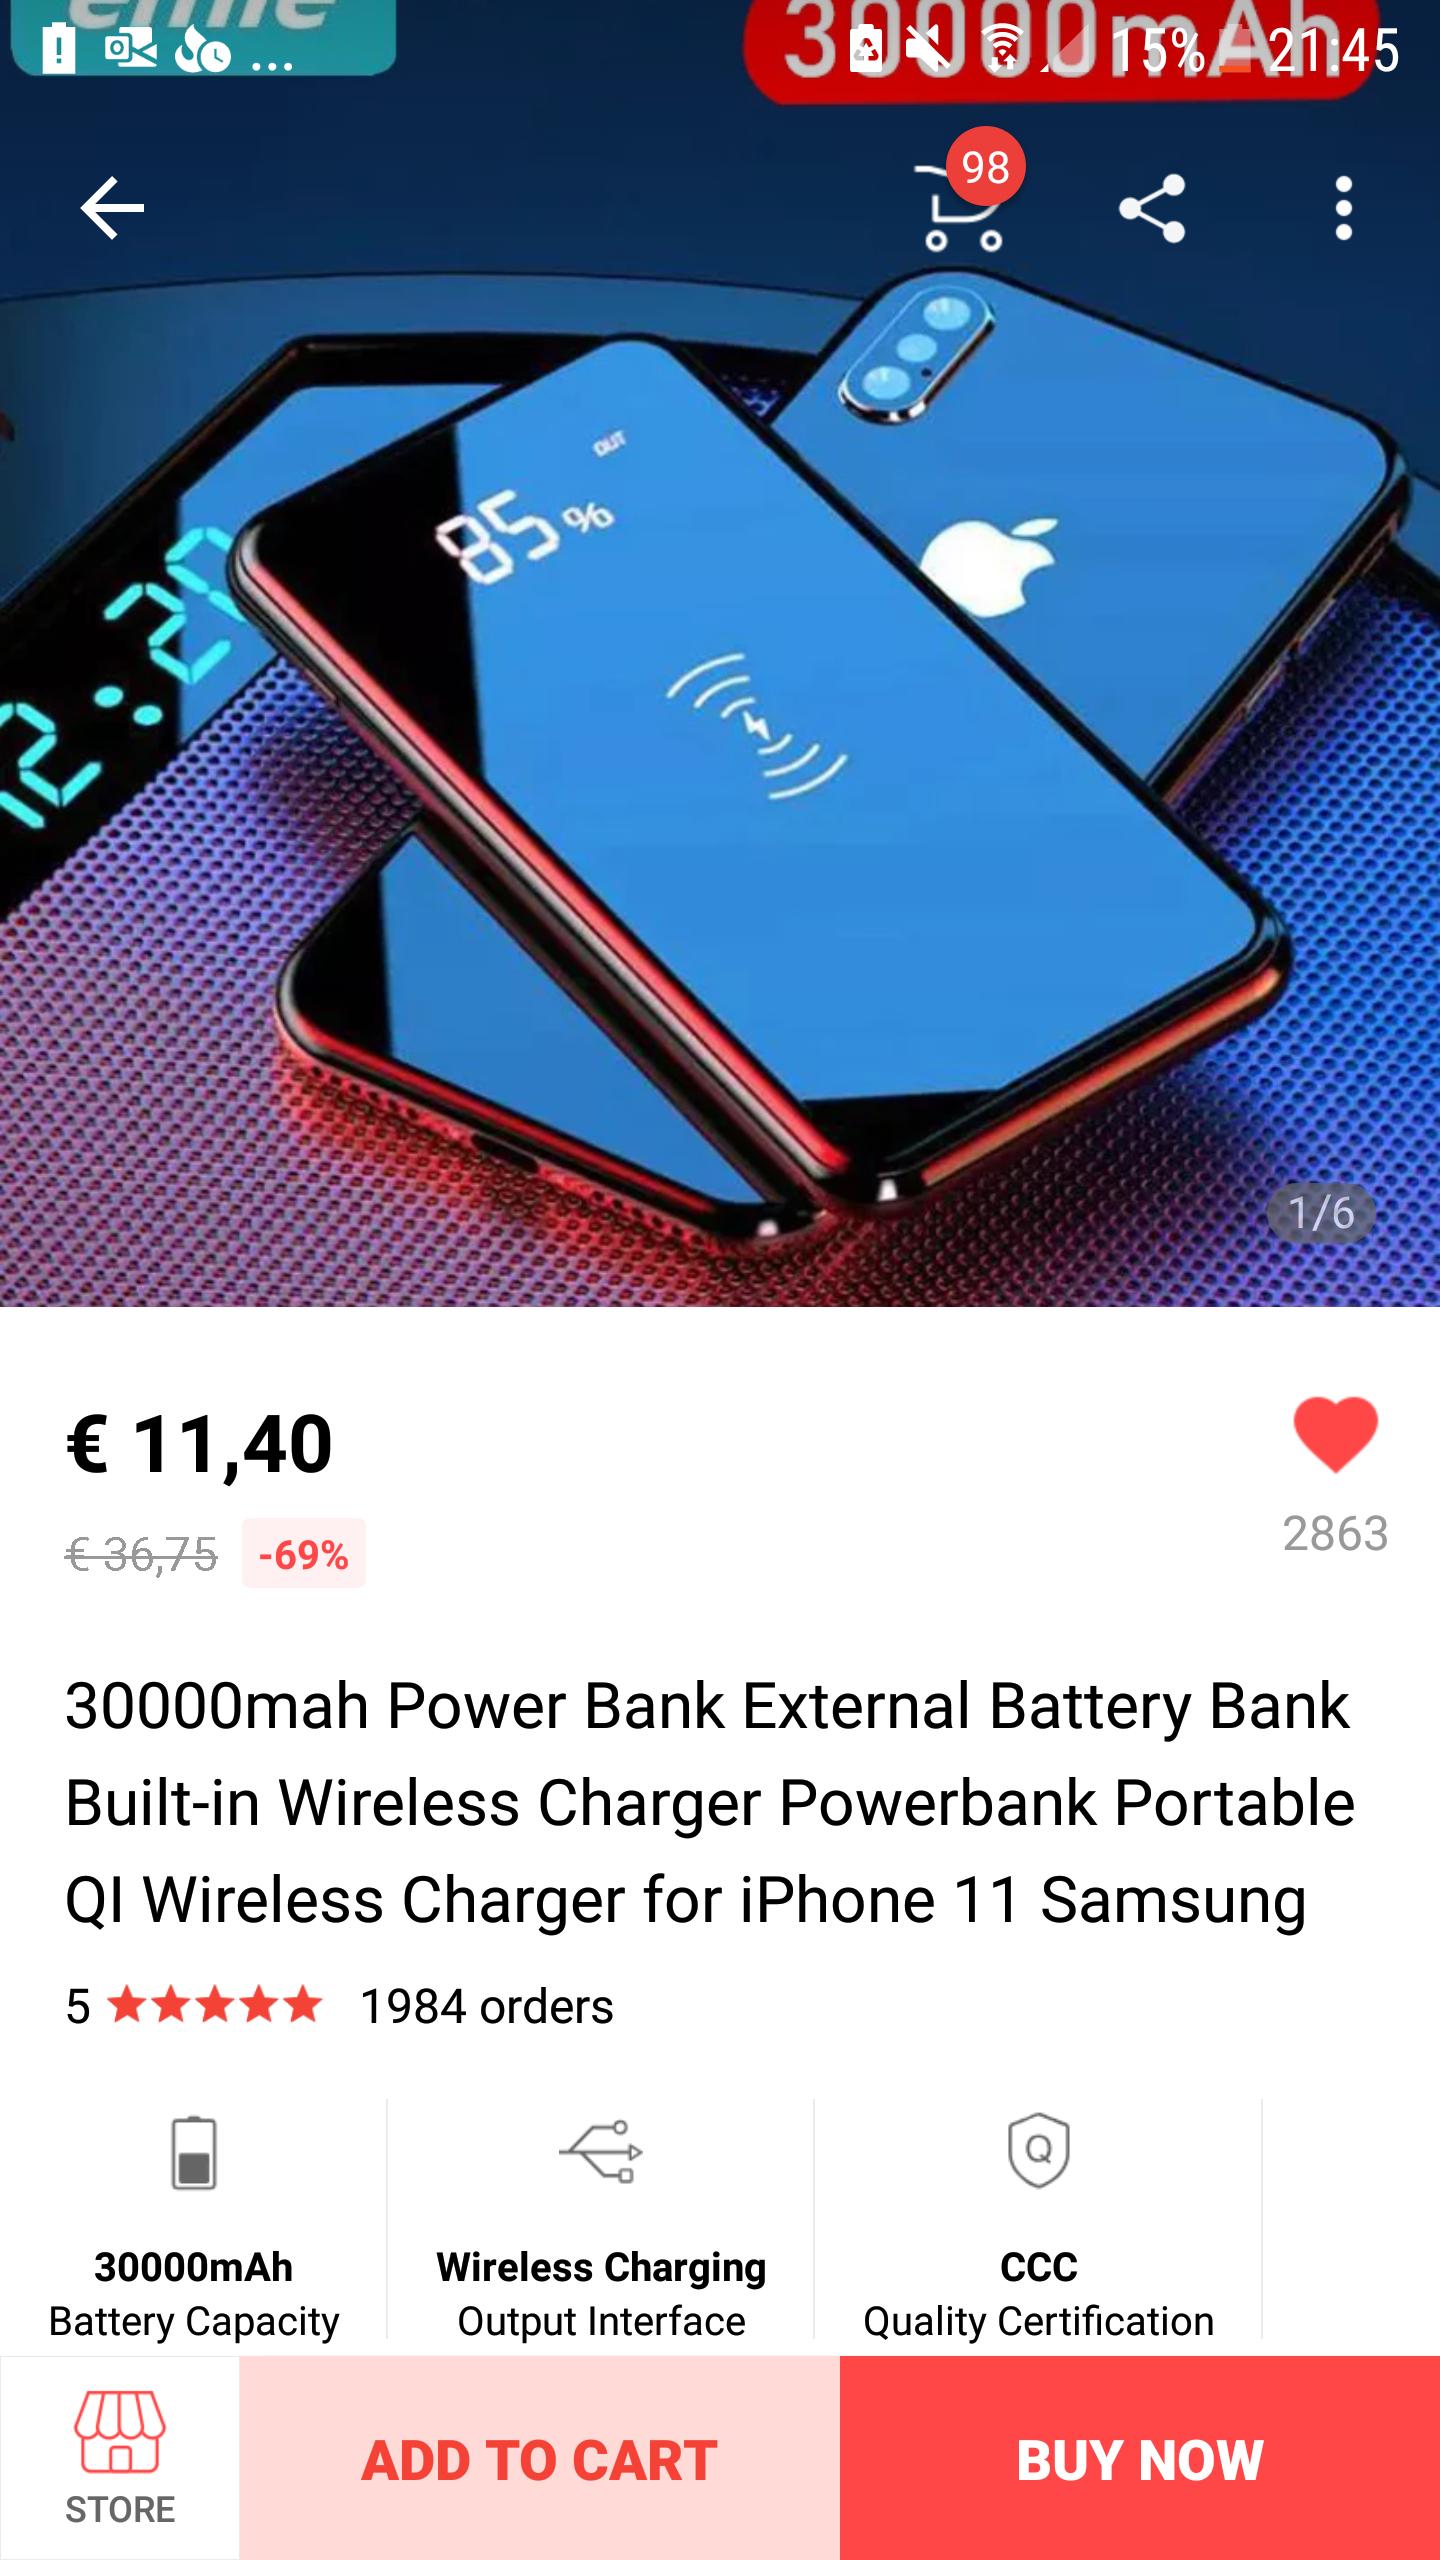 30000mAh wireless Powerbank nu voor €11,40